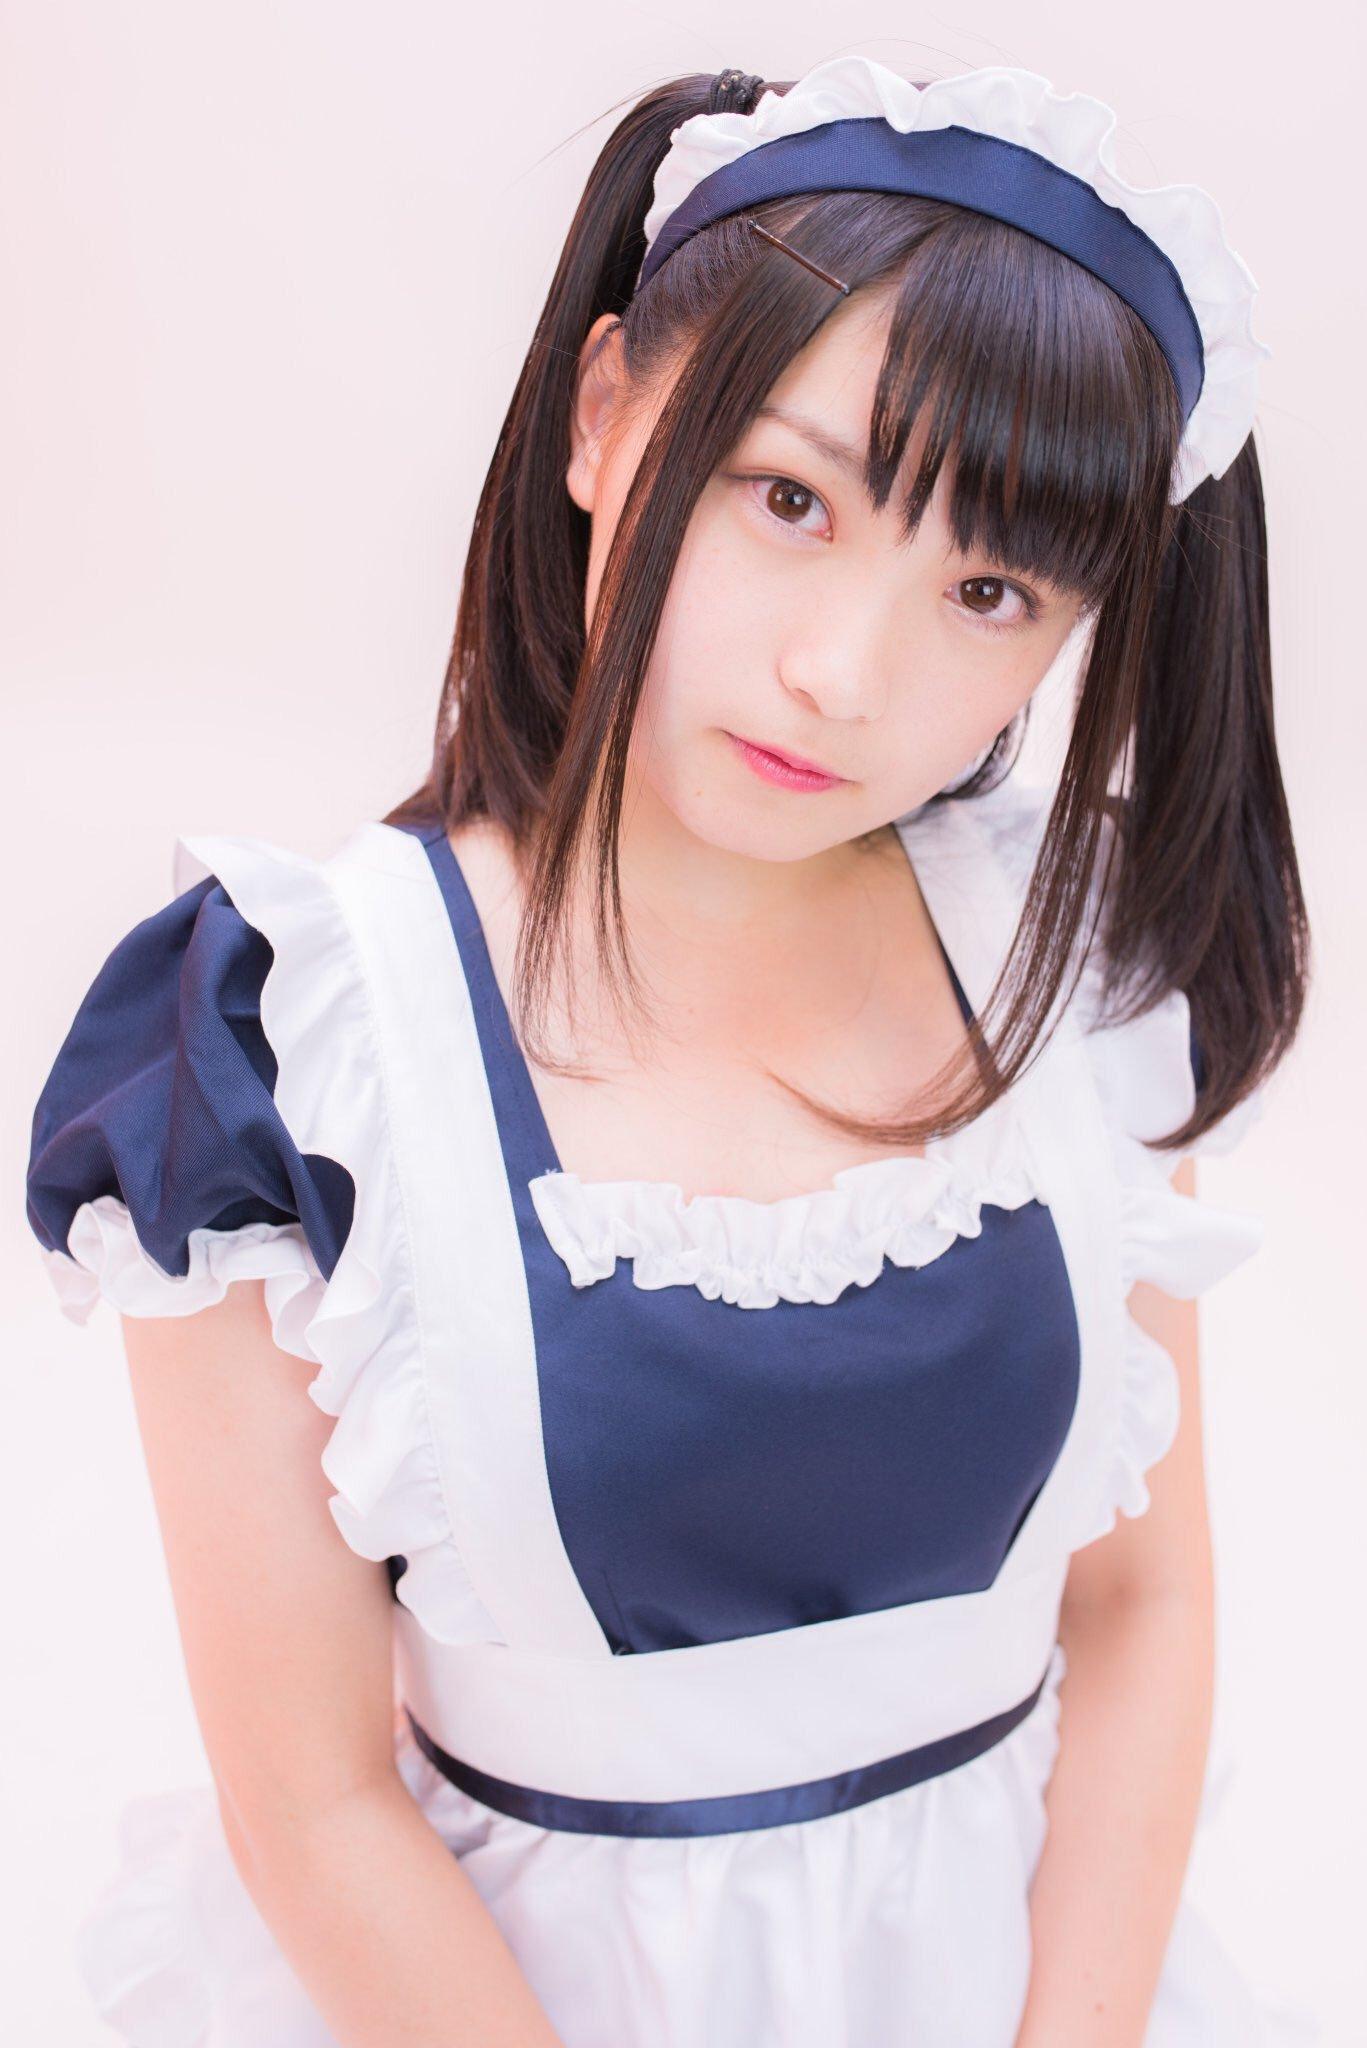 日本清純美少女福利寫真欣賞 黑絲女仆裝誘惑無比 - 豹好玩